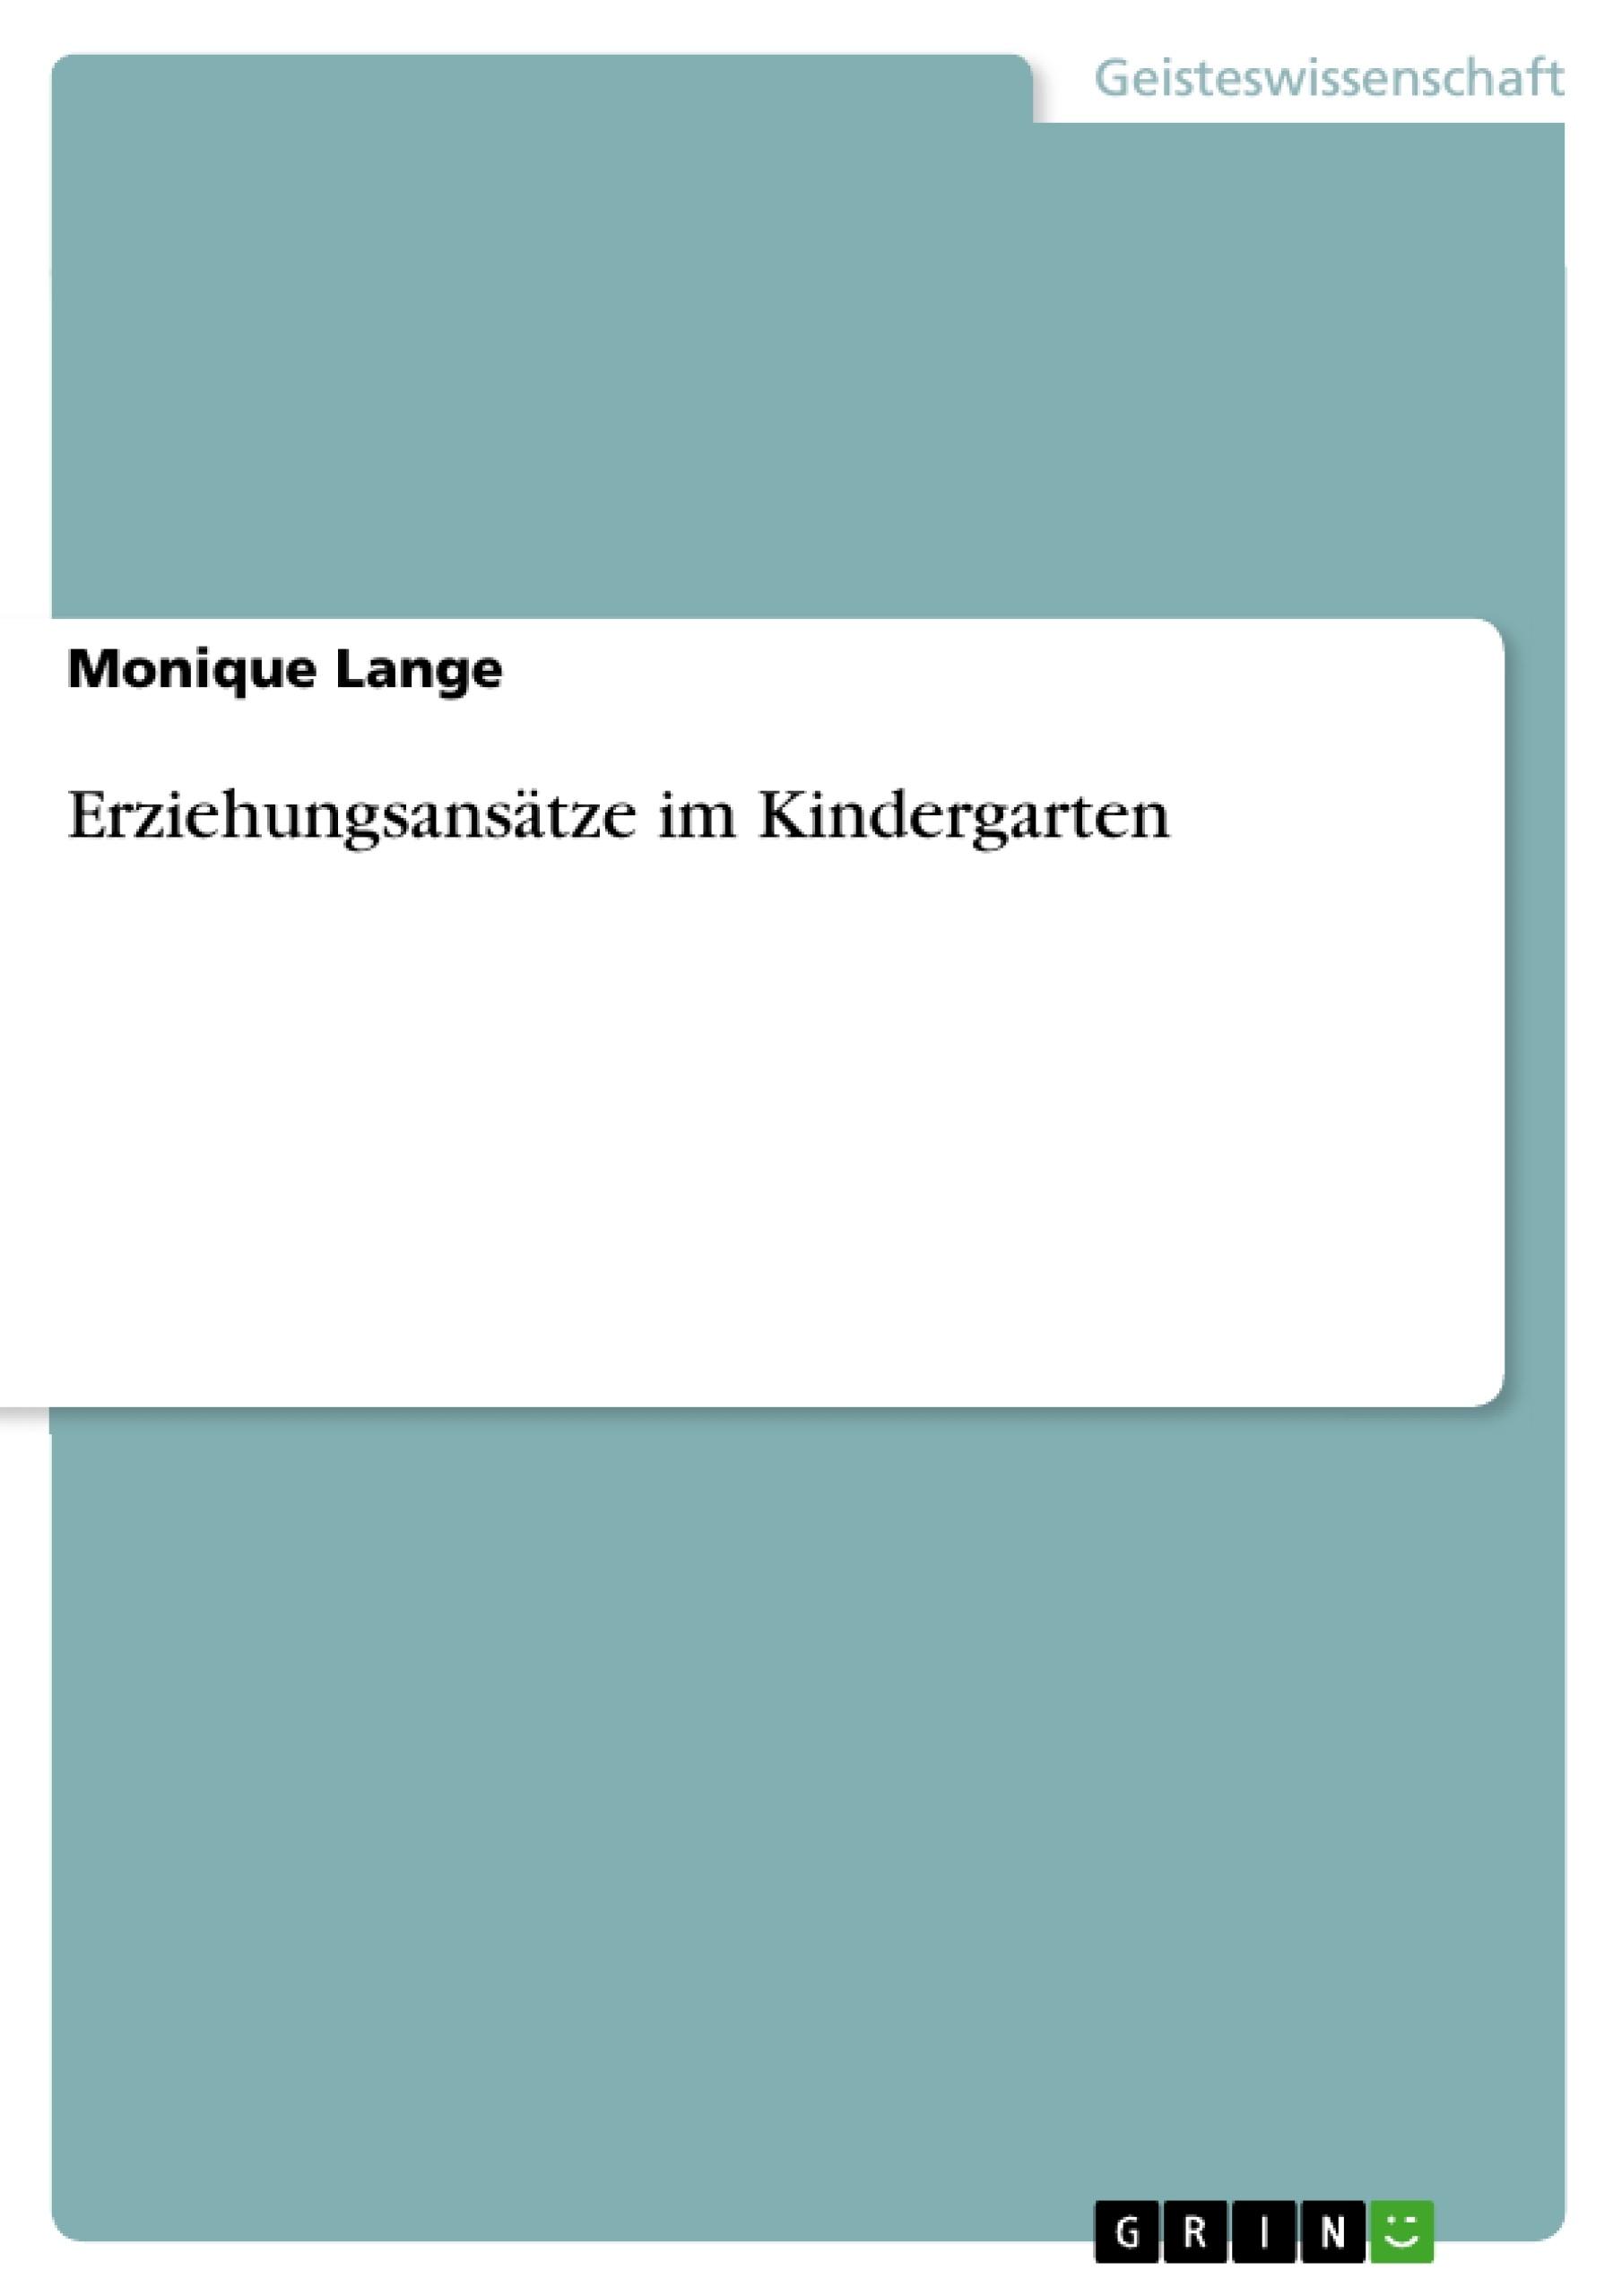 Erziehungsansätze im Kindergarten | Masterarbeit, Hausarbeit ...